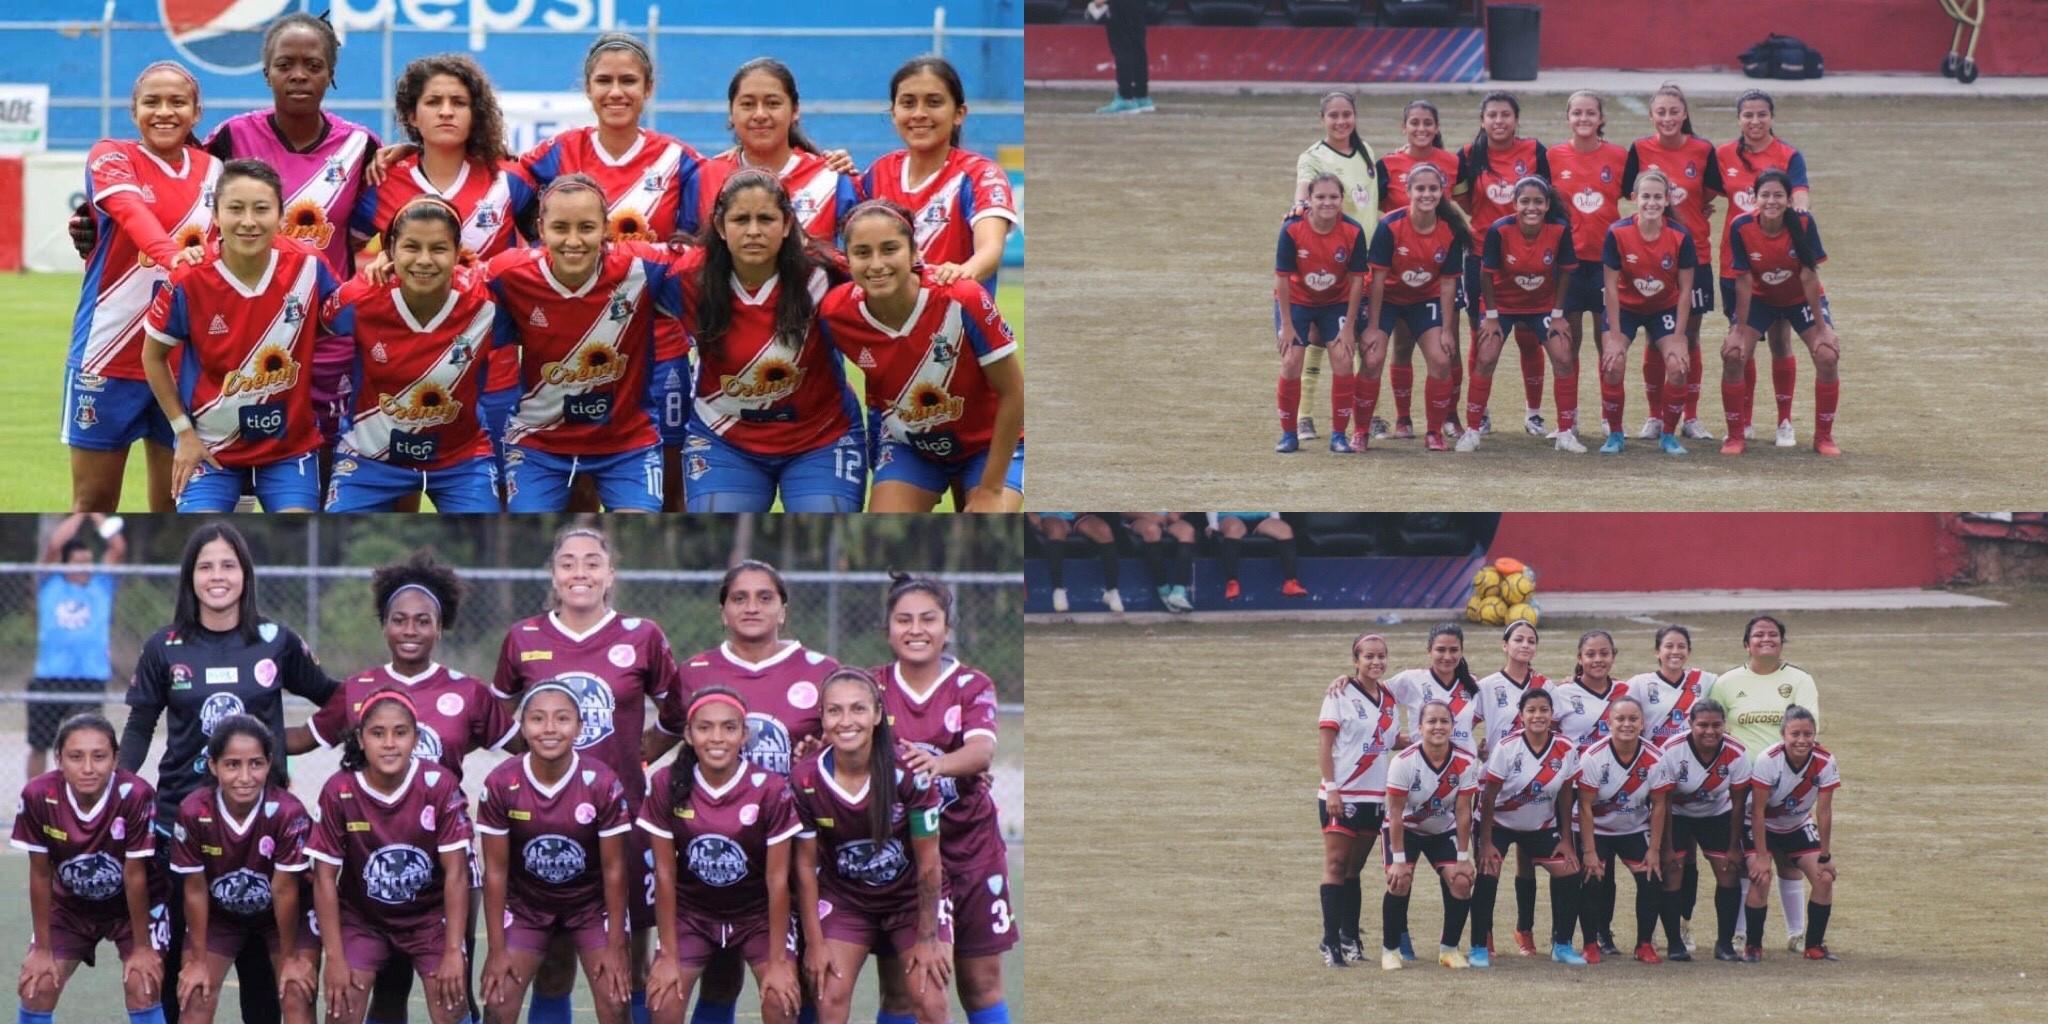 Solo se jugará una de dos finales en el fútbol femenino imagen